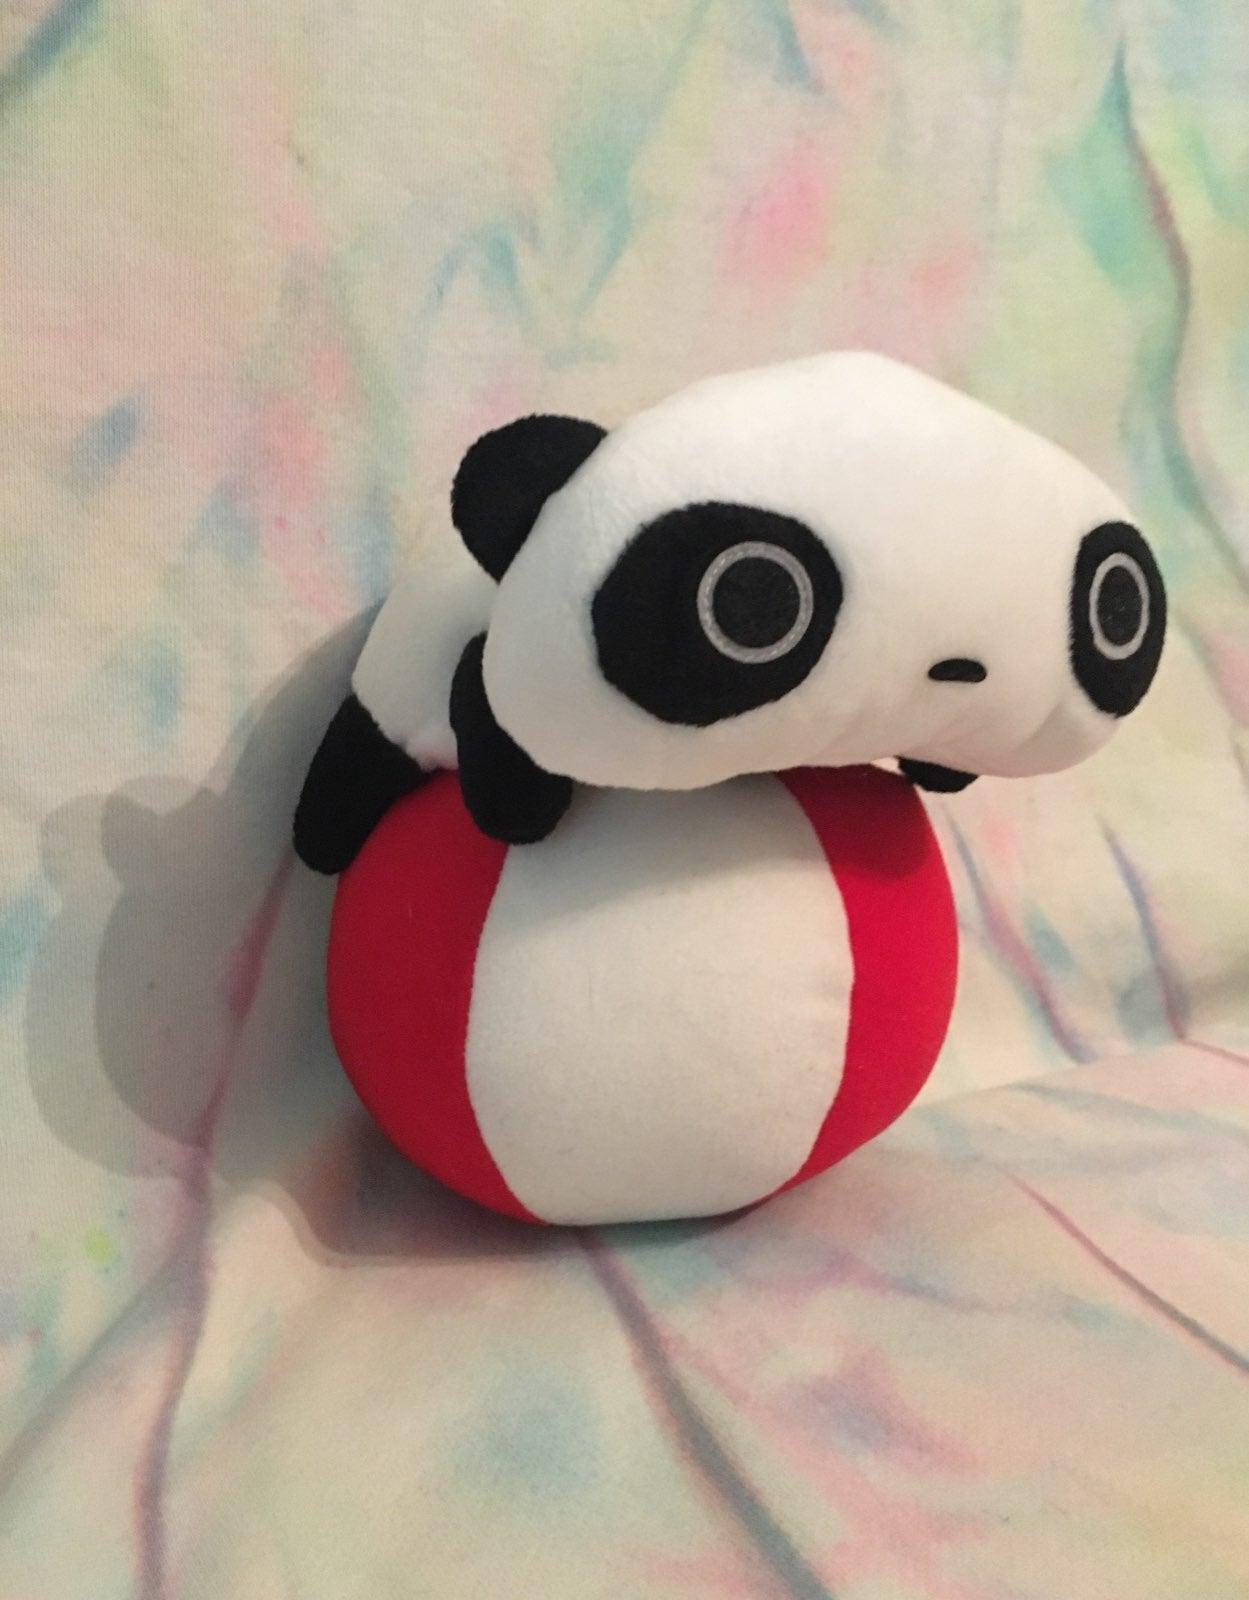 San-X panda plush